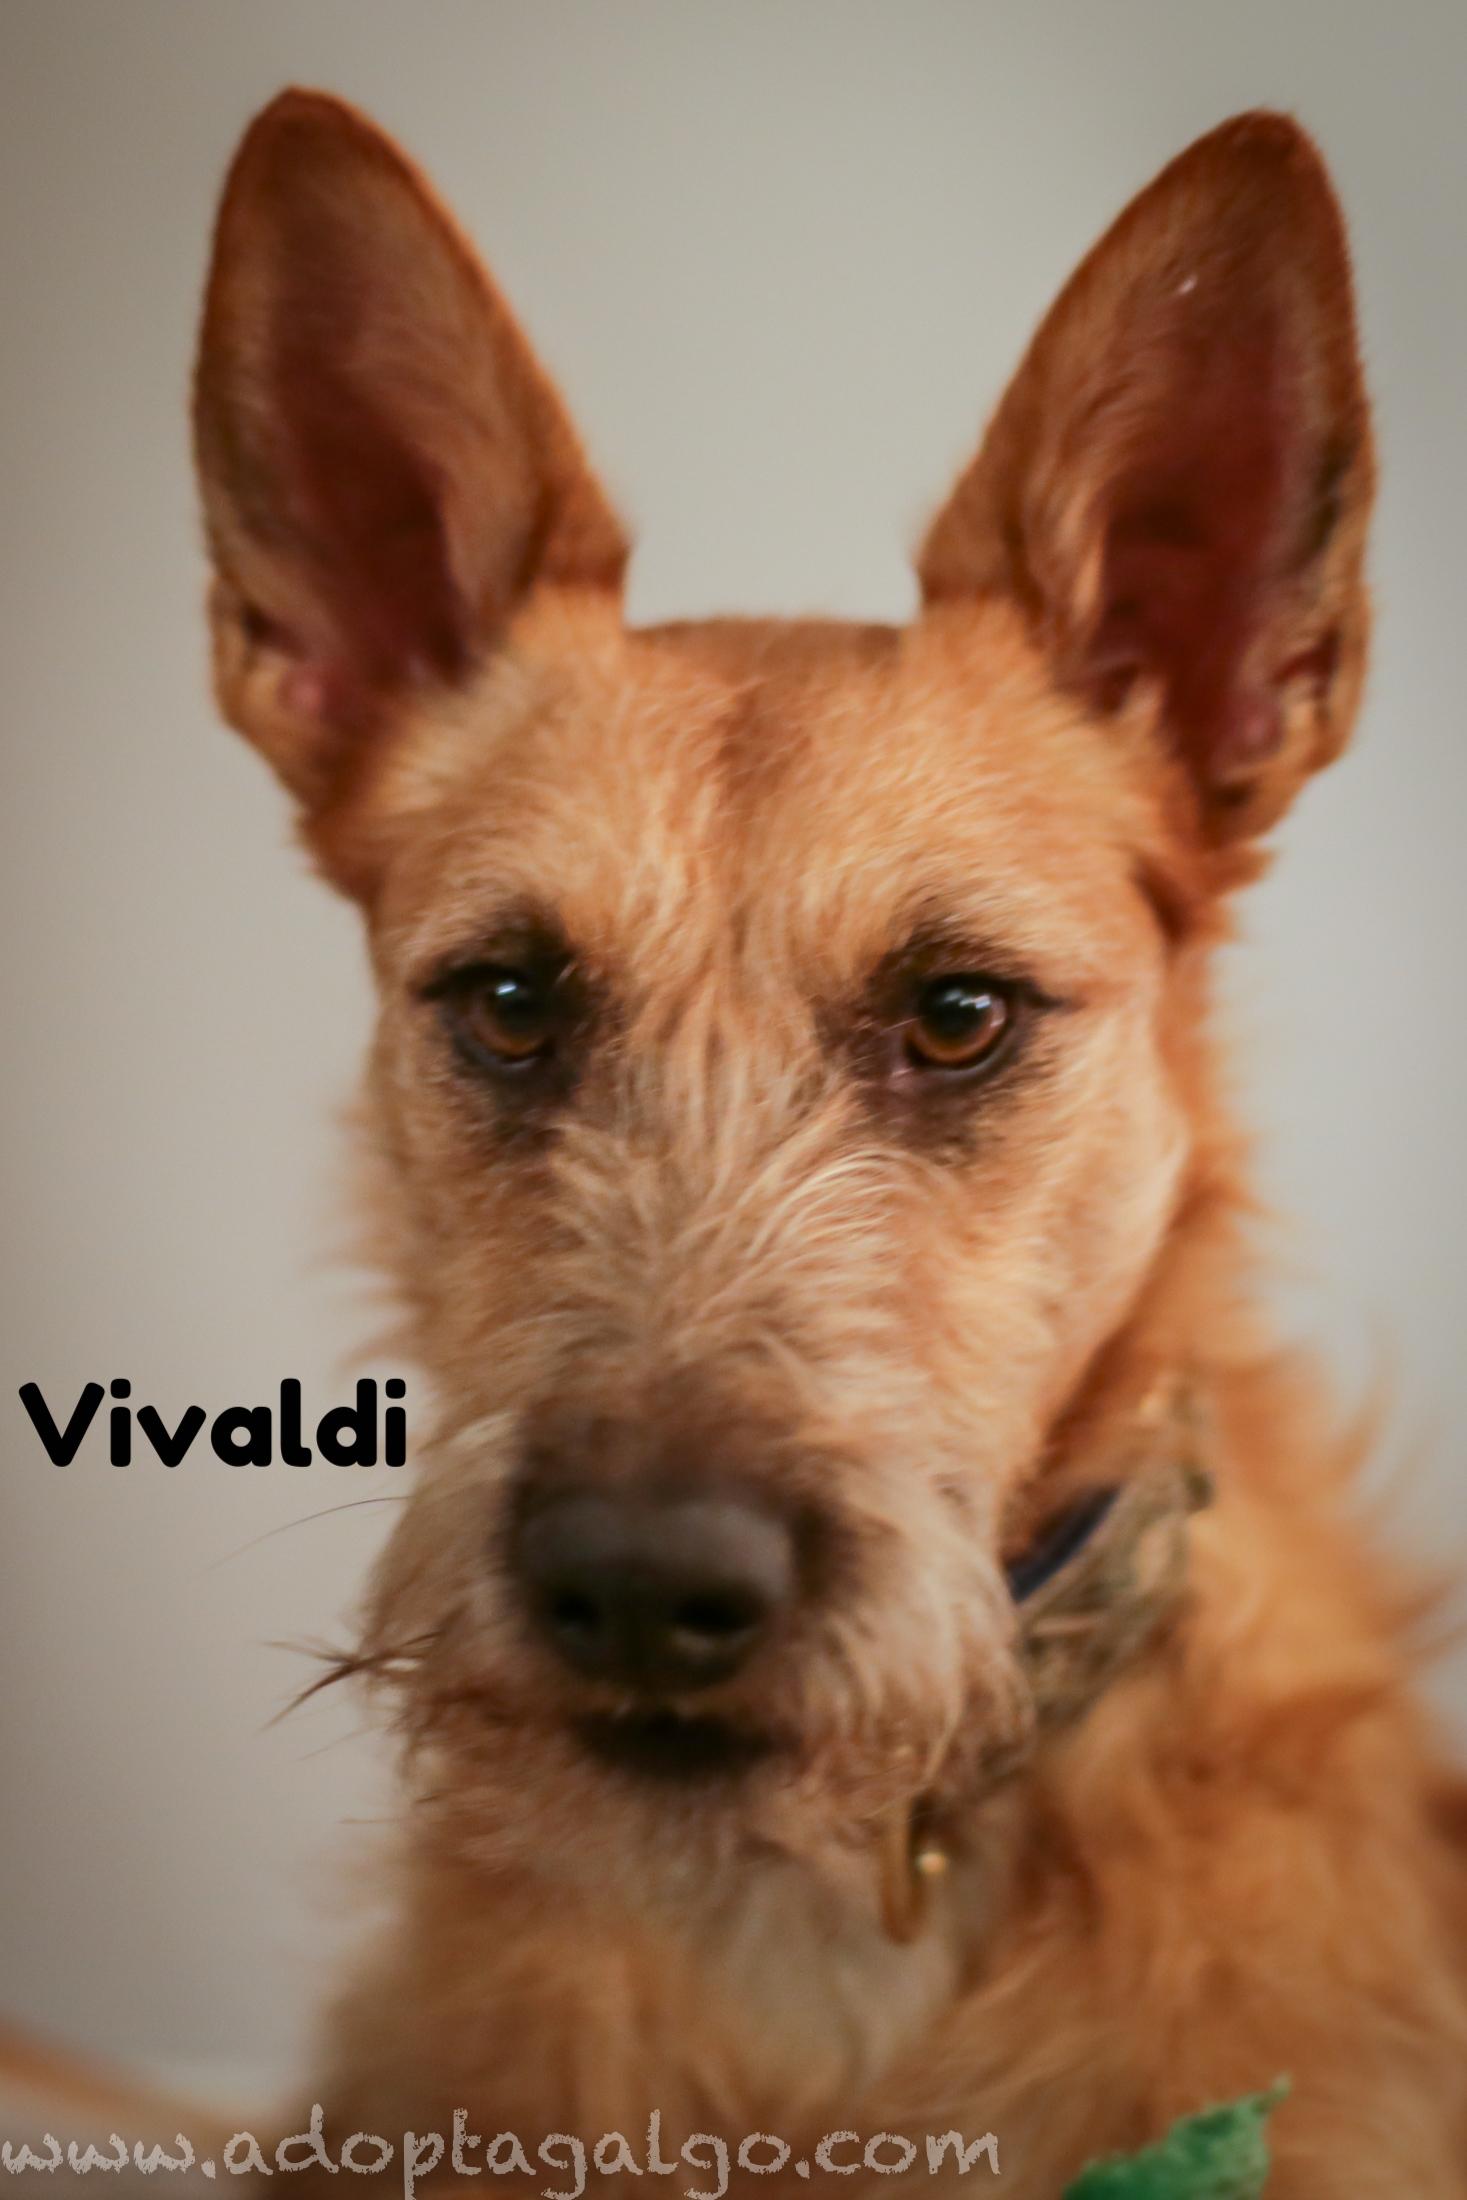 LHB-Vivaldi-9075.jpg